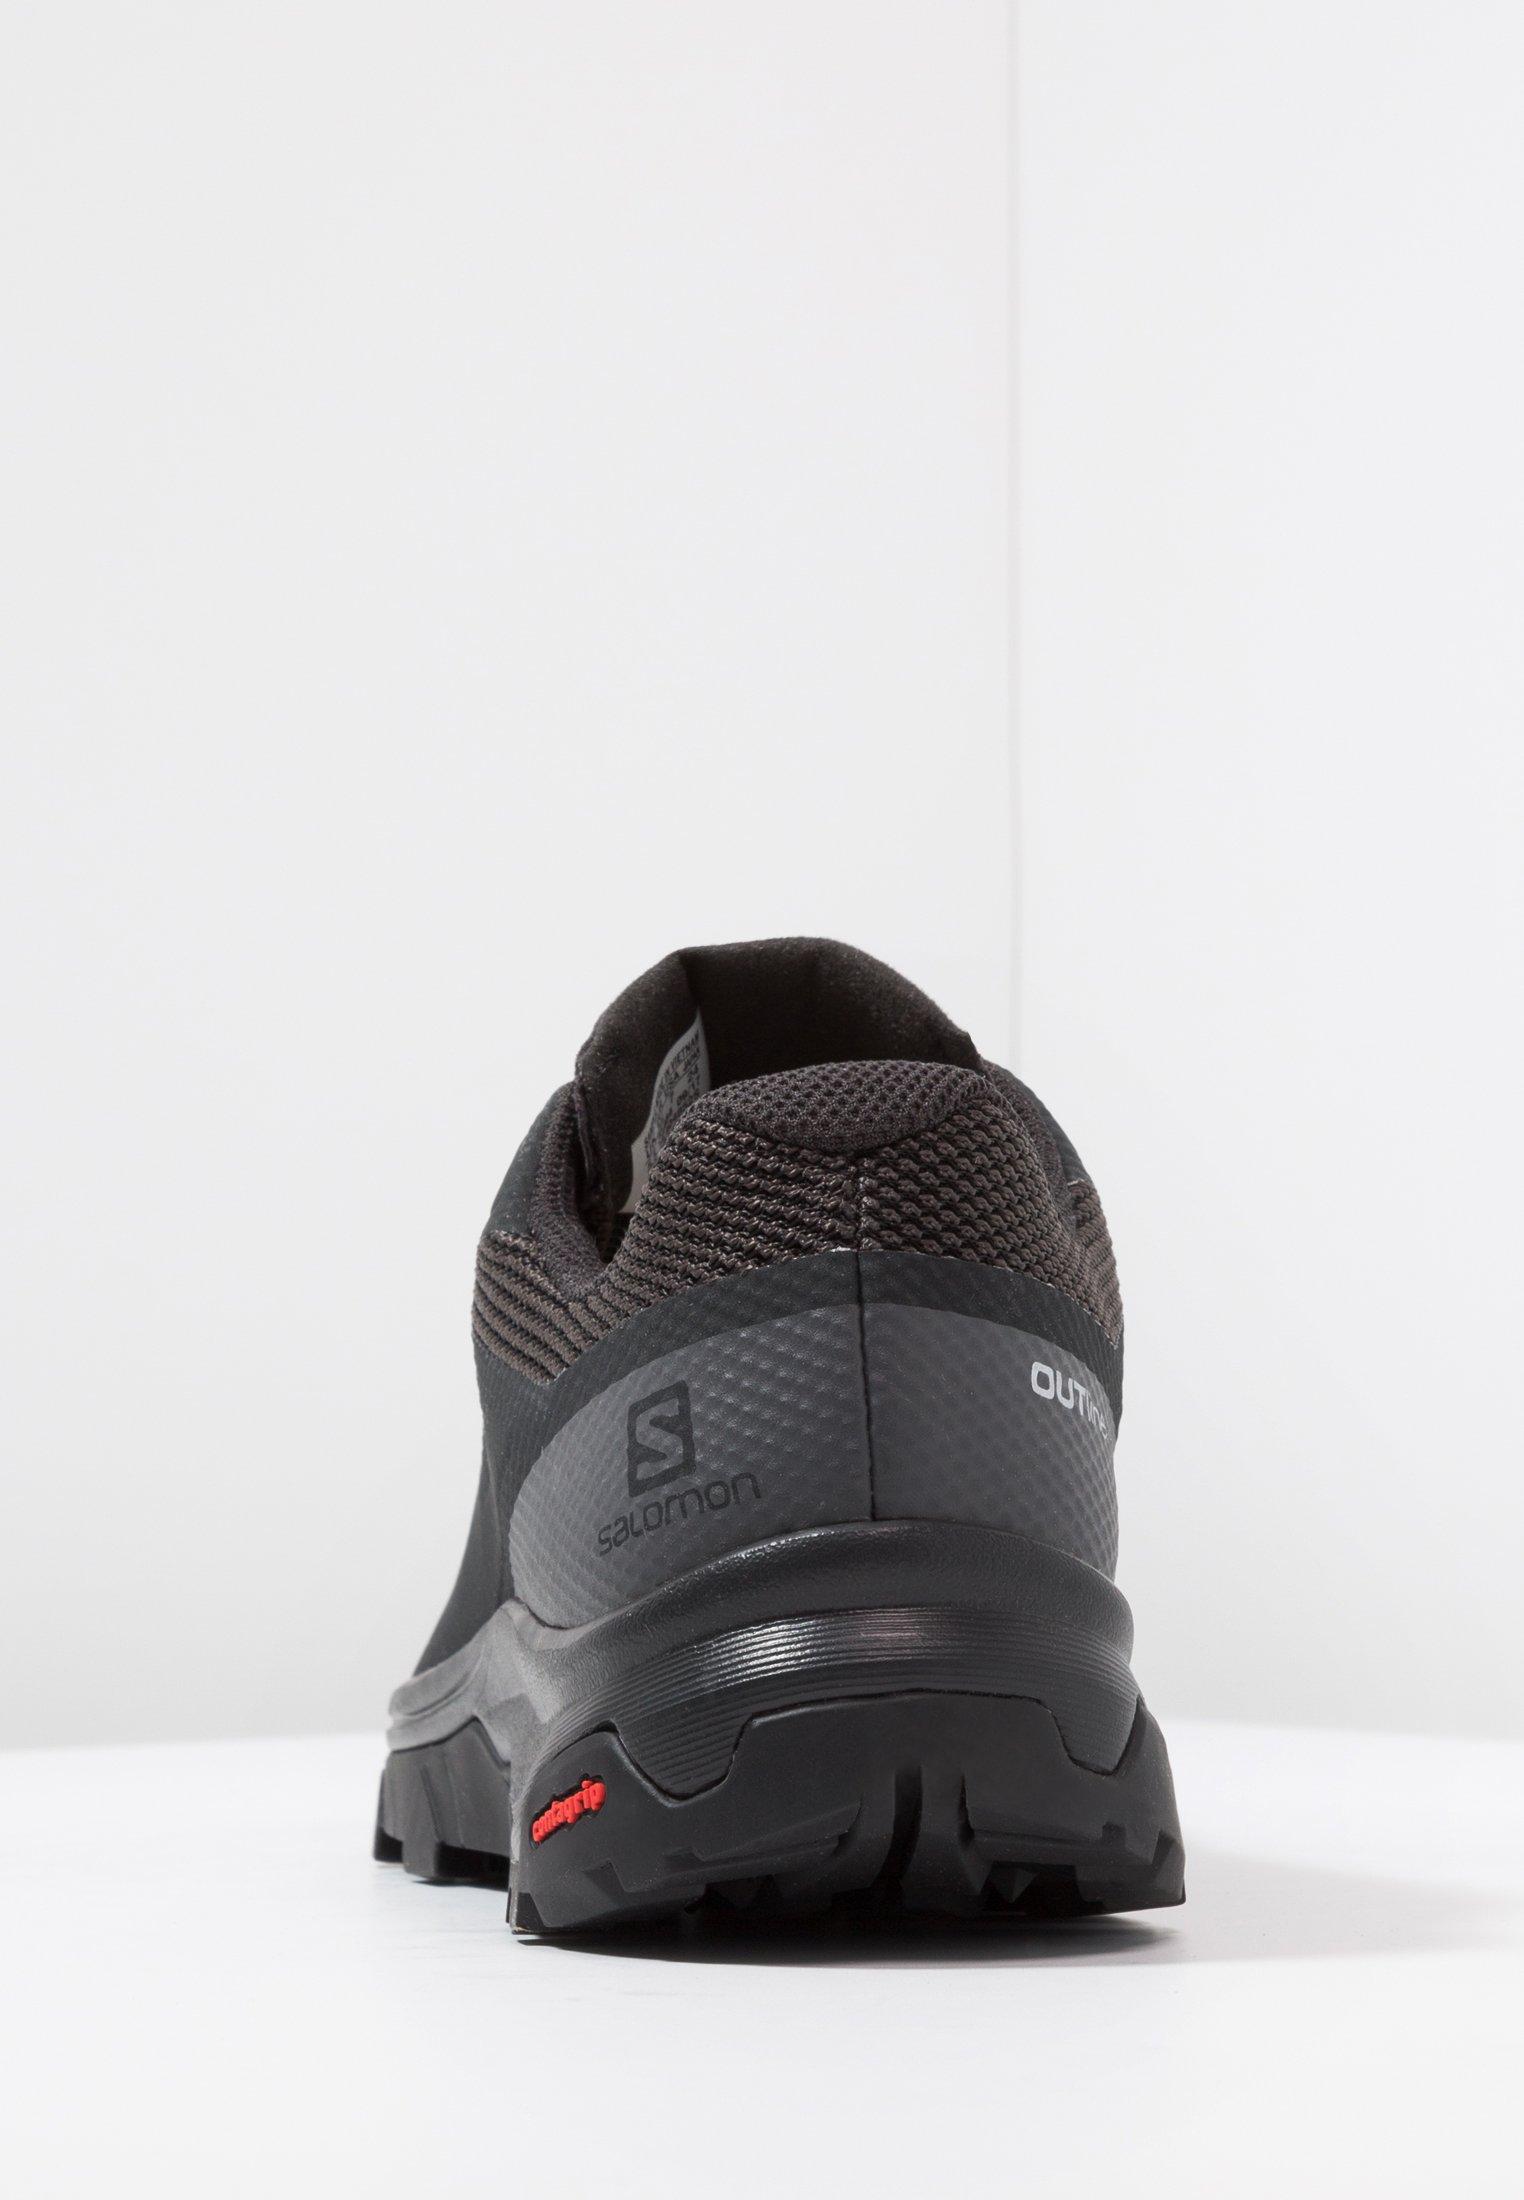 salomon outline gtx grey zapatillas mujer